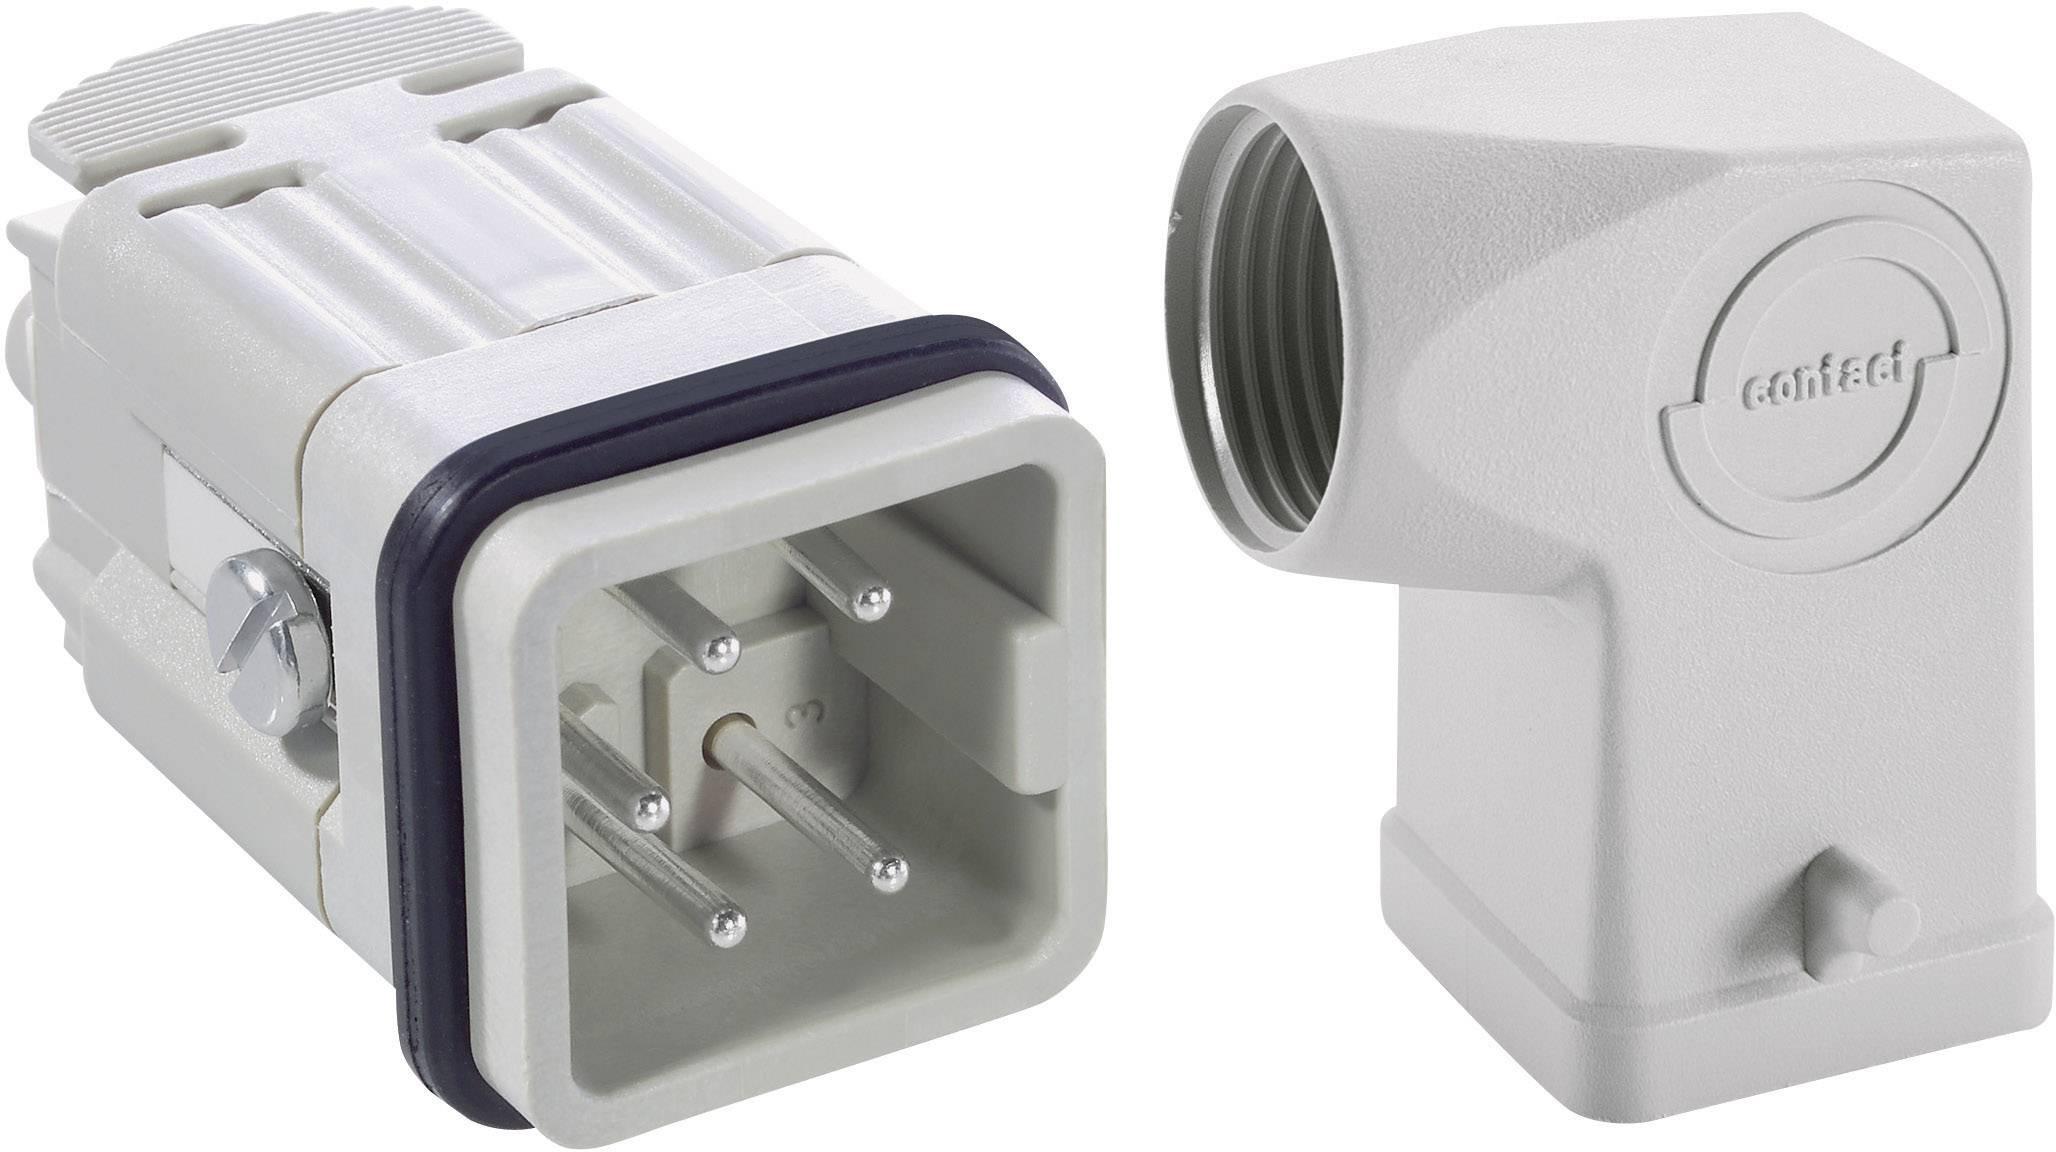 Sada konektorů EPIC®KIT H-A 4 75009615 LappKabel 4 + PE šroubovací 1 sada